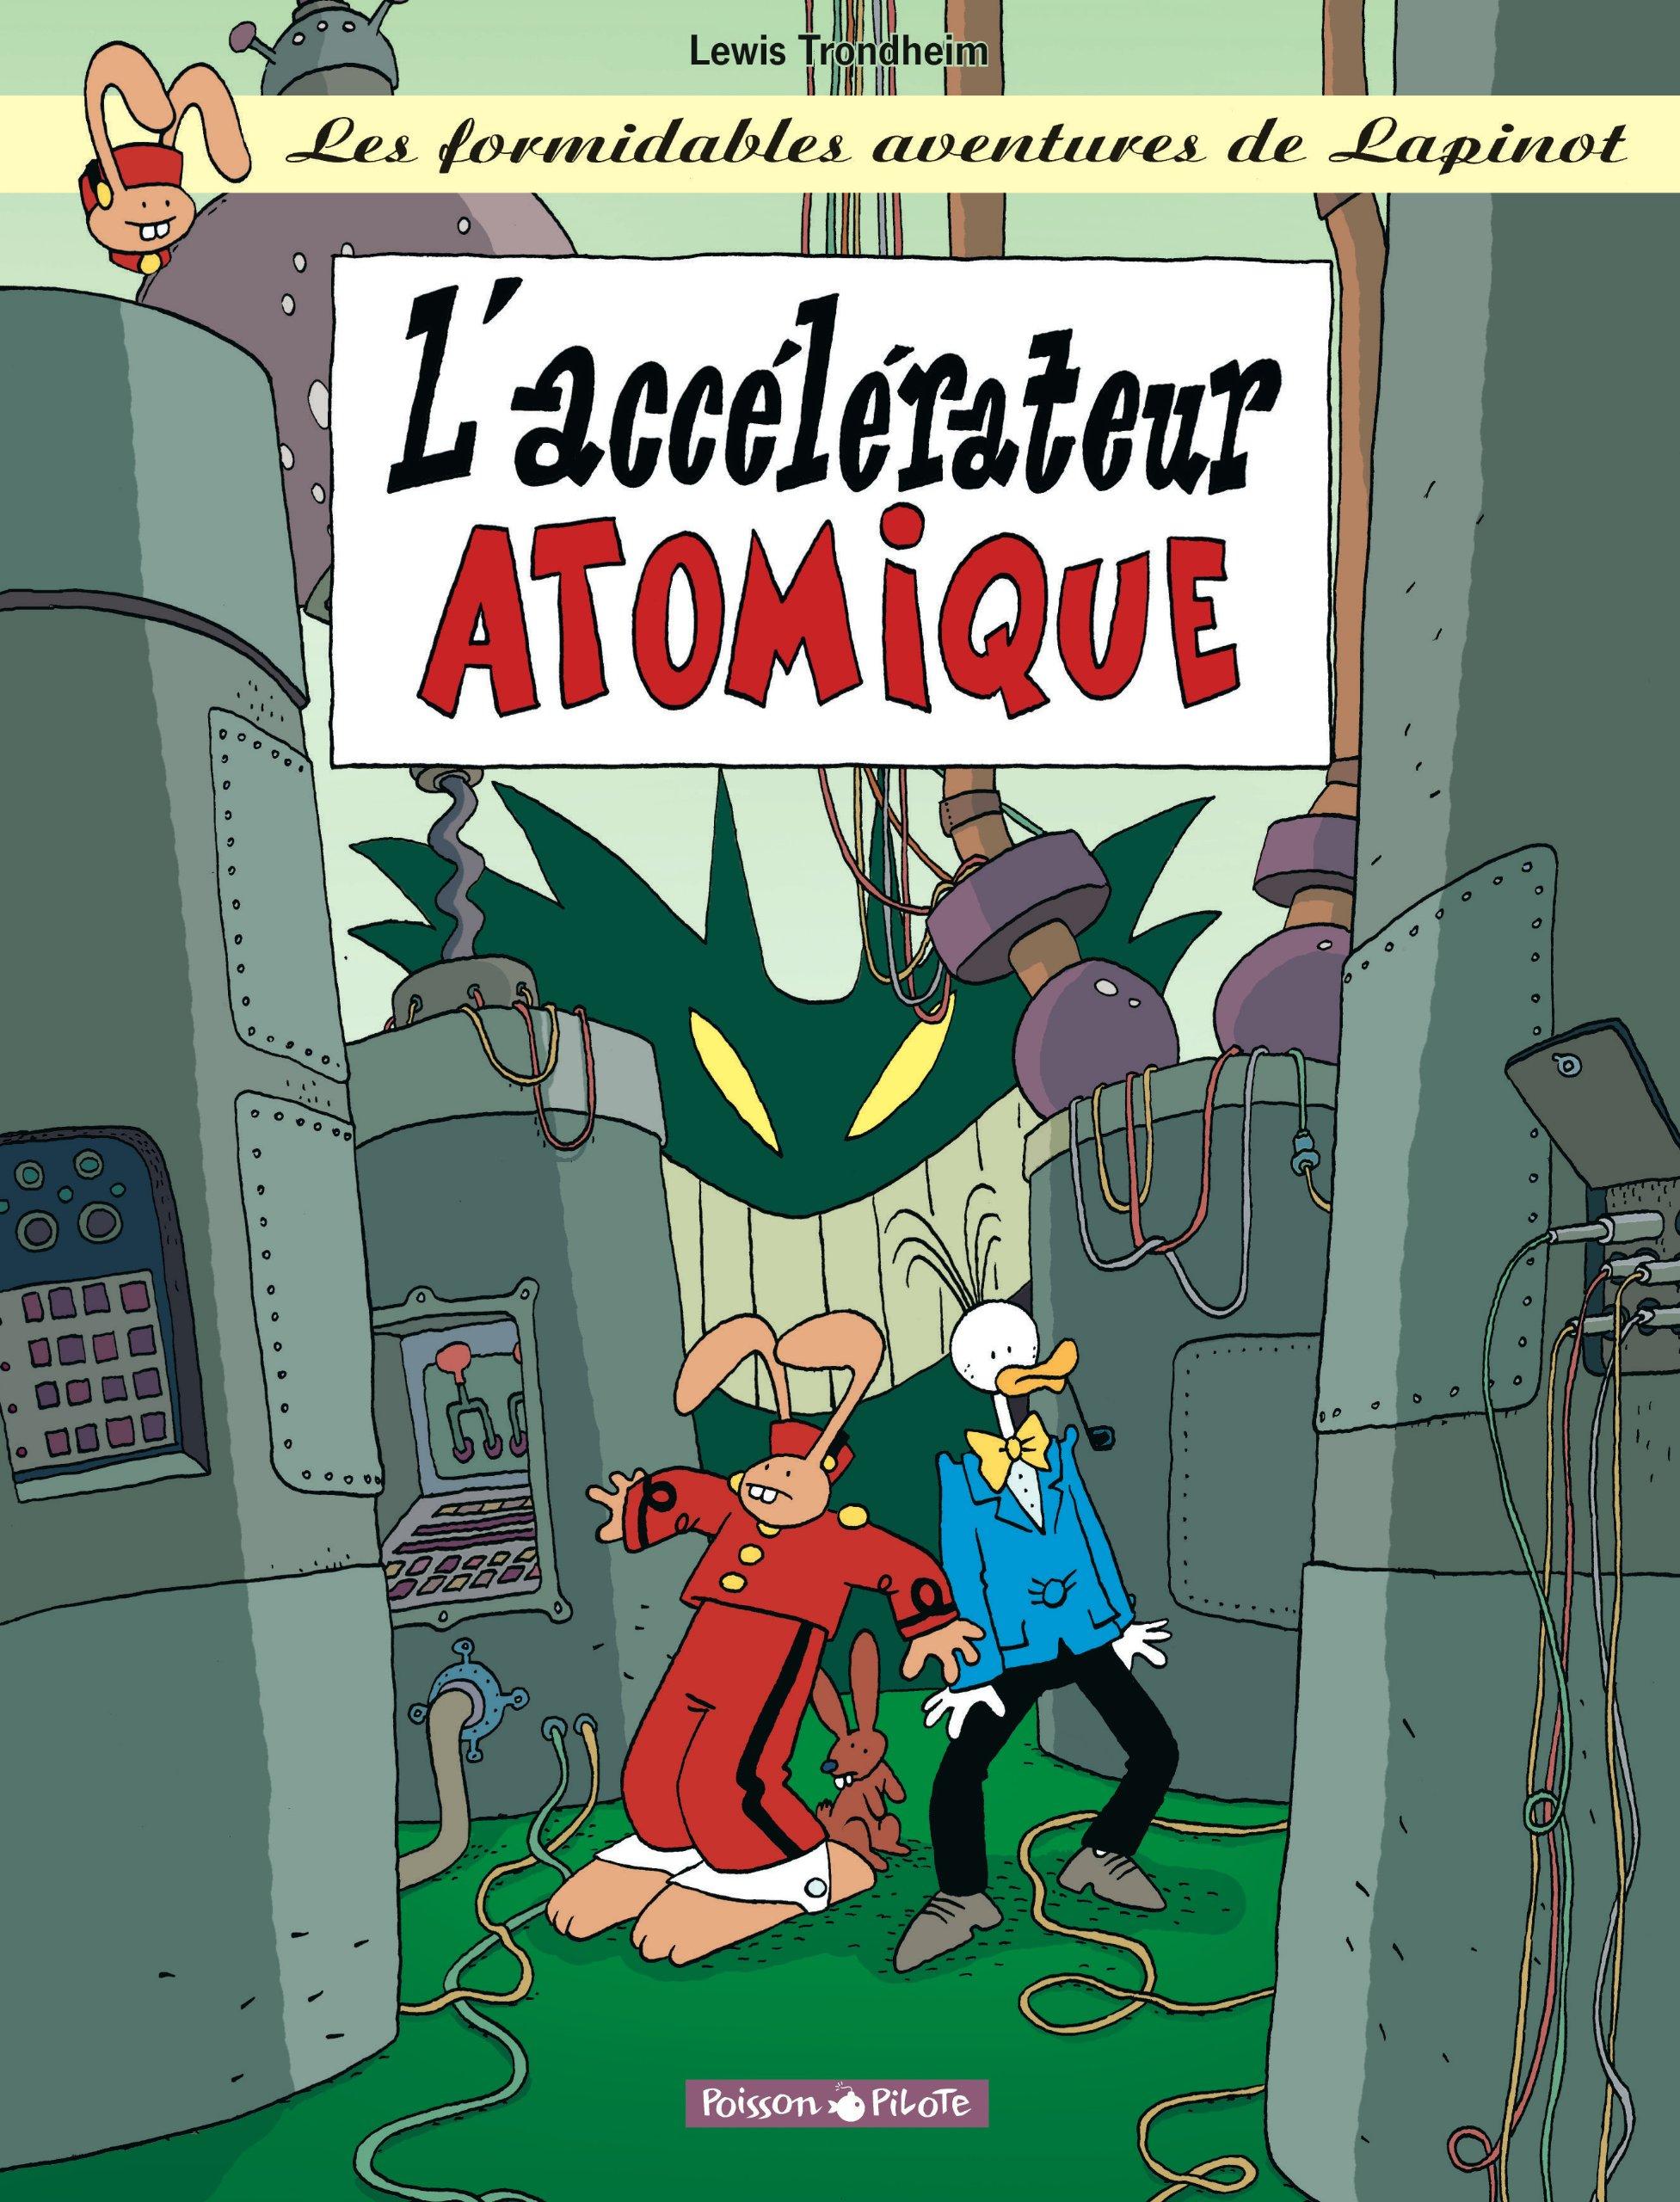 Les Formidables Aventures de Lapinot, tome 9 : L'Accélérateur atomique Album – 18 janvier 2003 Lewis Trondheim Dargaud 2205054066 Humour